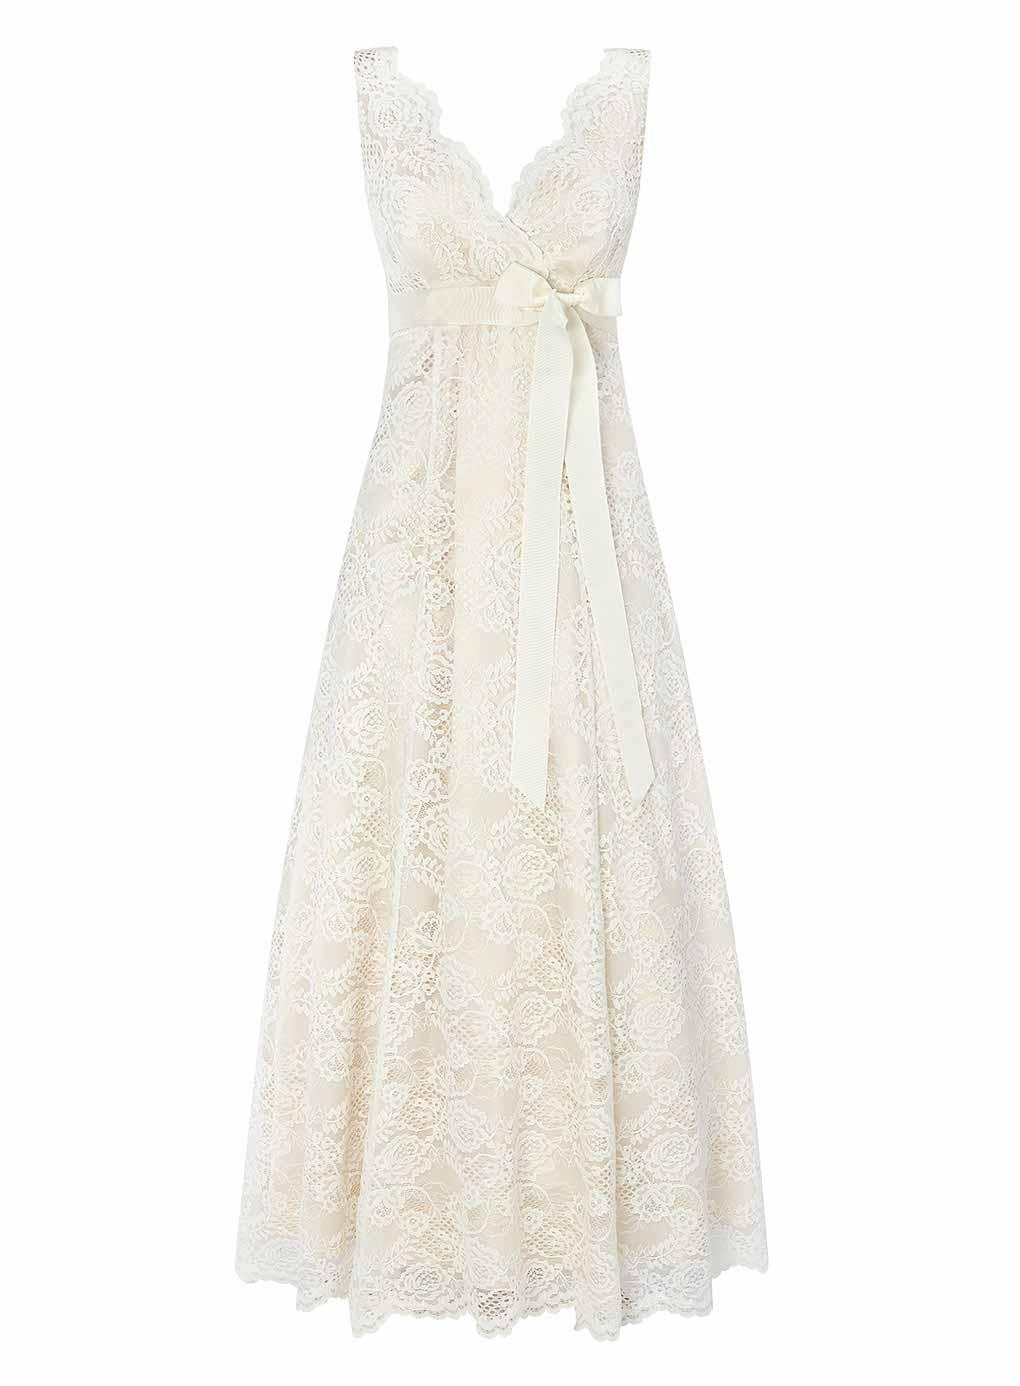 High Street Wedding Dress 5